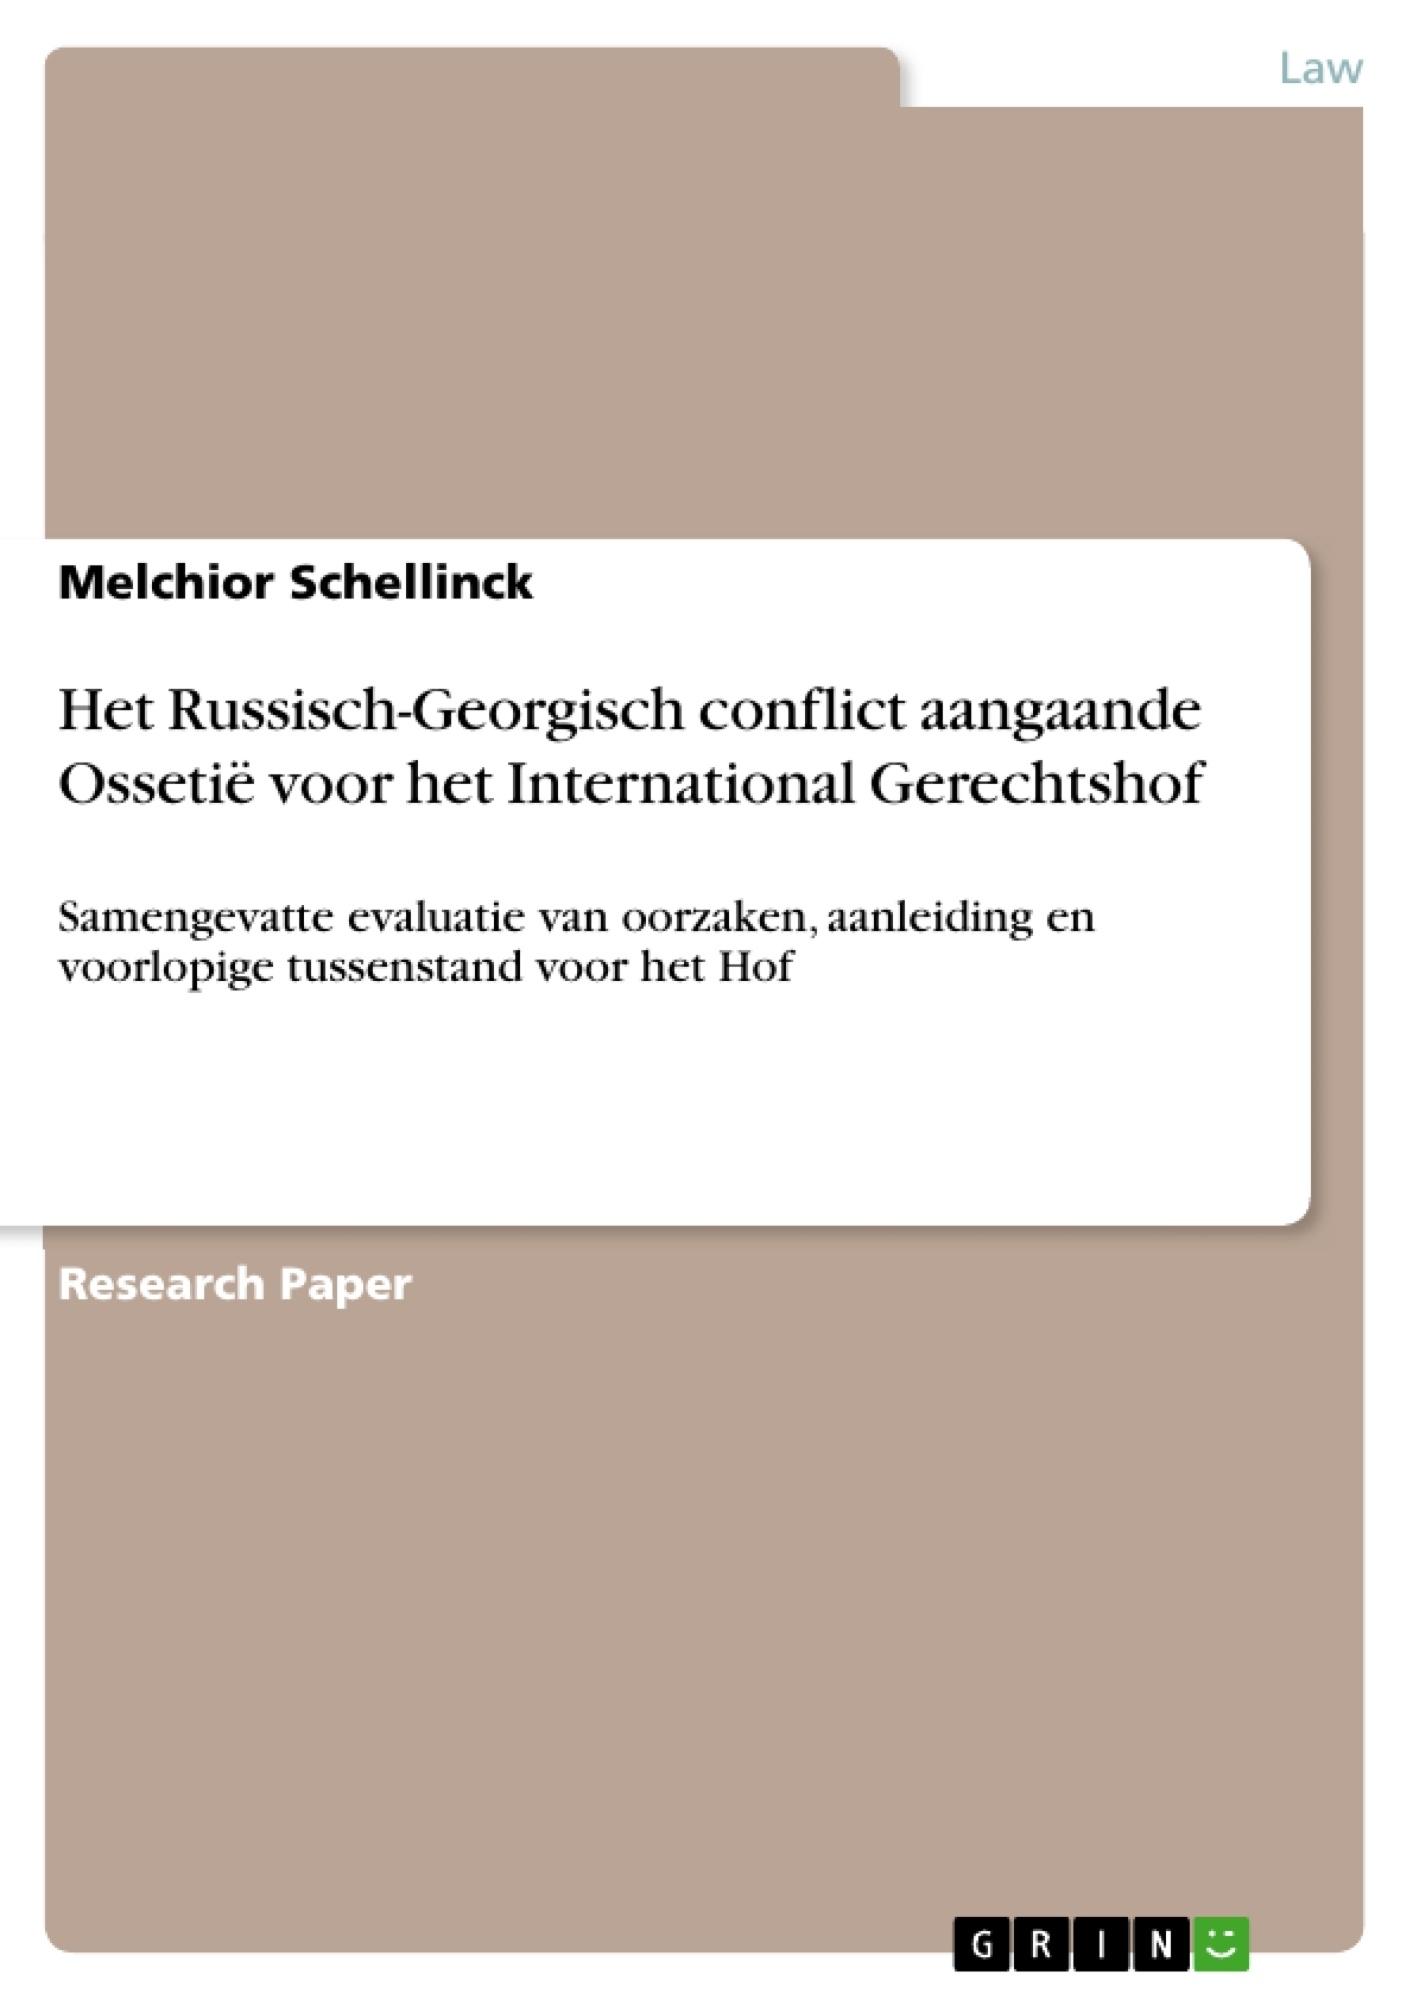 Title: Het Russisch-Georgisch conflict aangaande Ossetië voor het International Gerechtshof